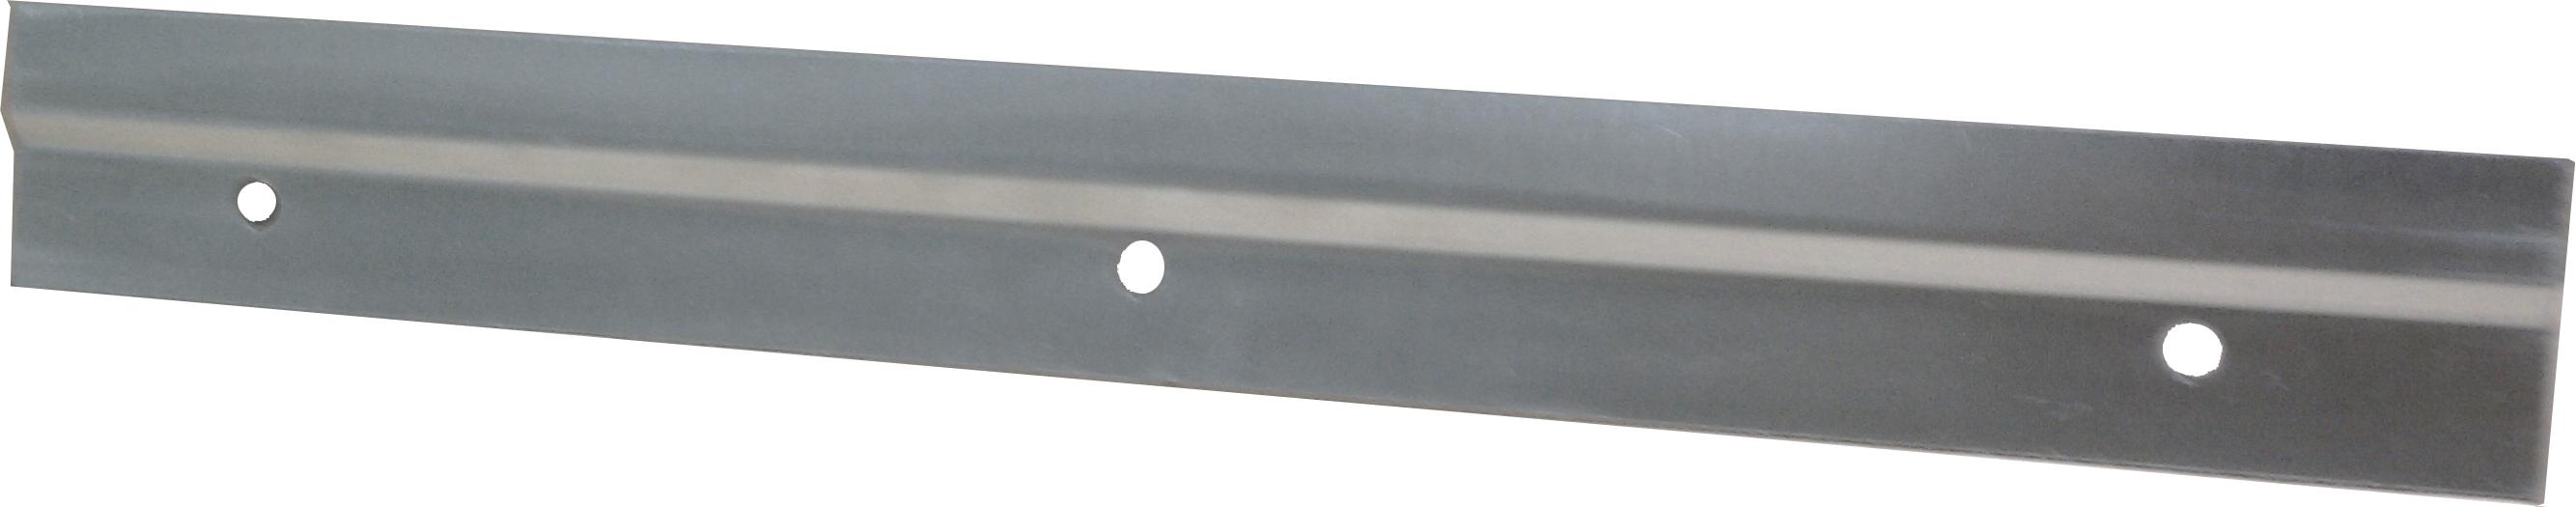 Krowne Metal WB-1712 hand sinks